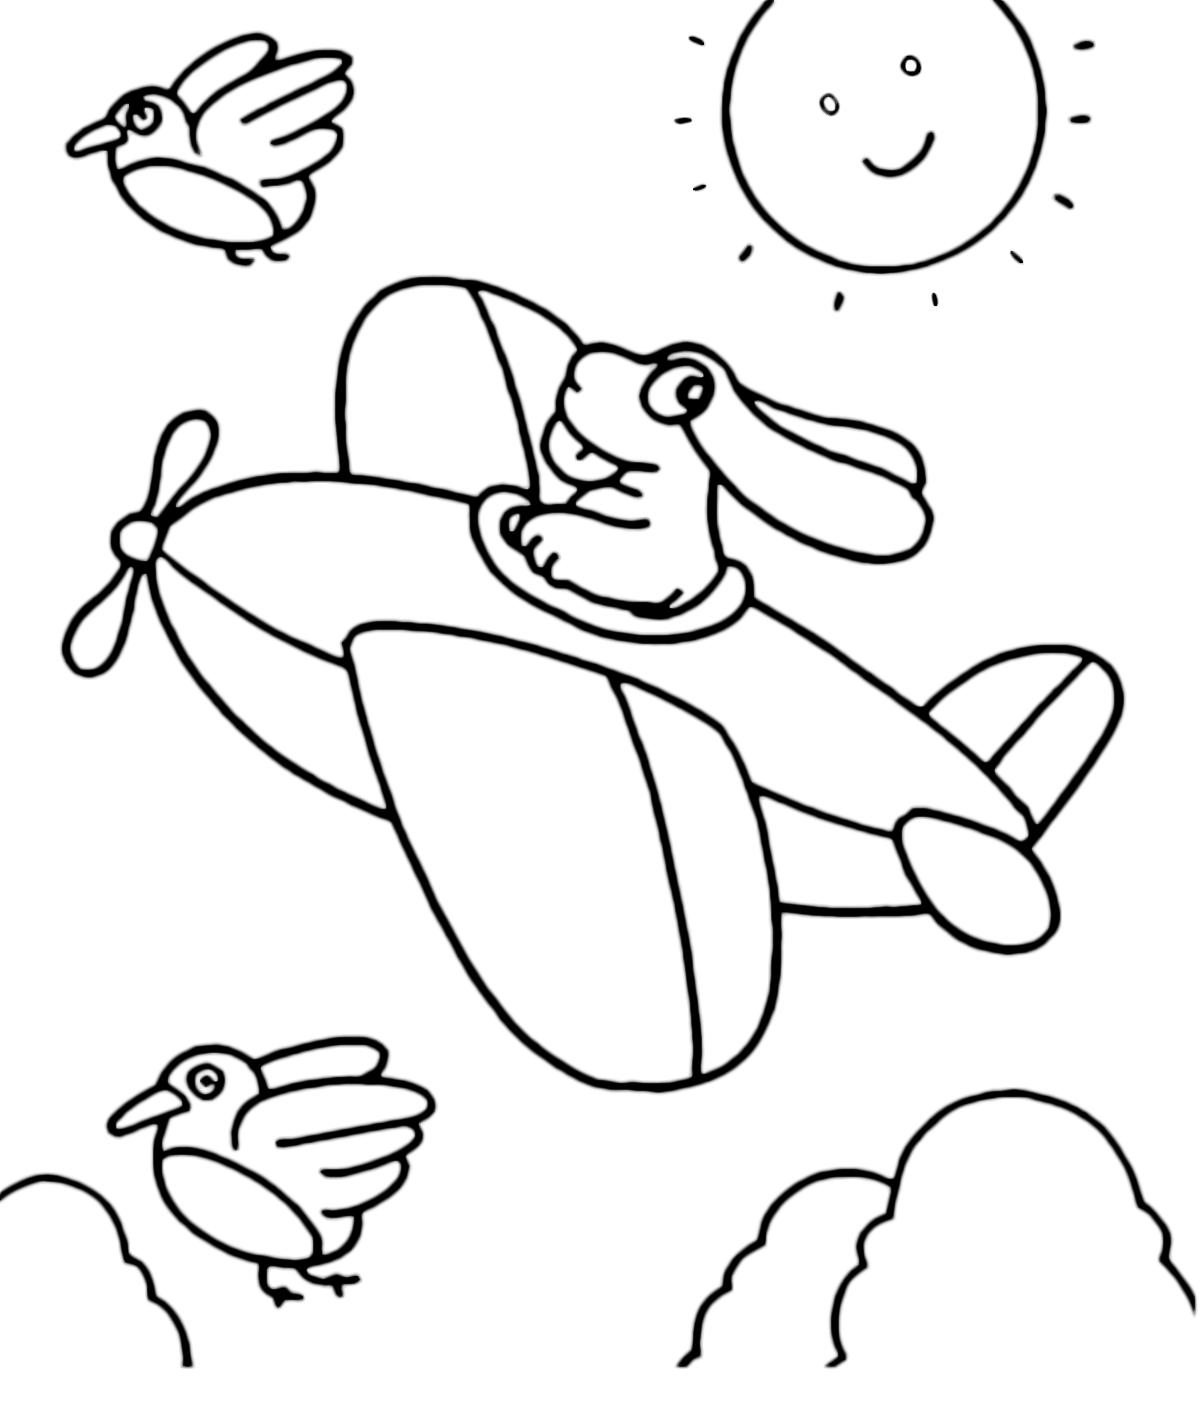 Disegni di la pimpa da colorare for Pimpa da stampare e colorare